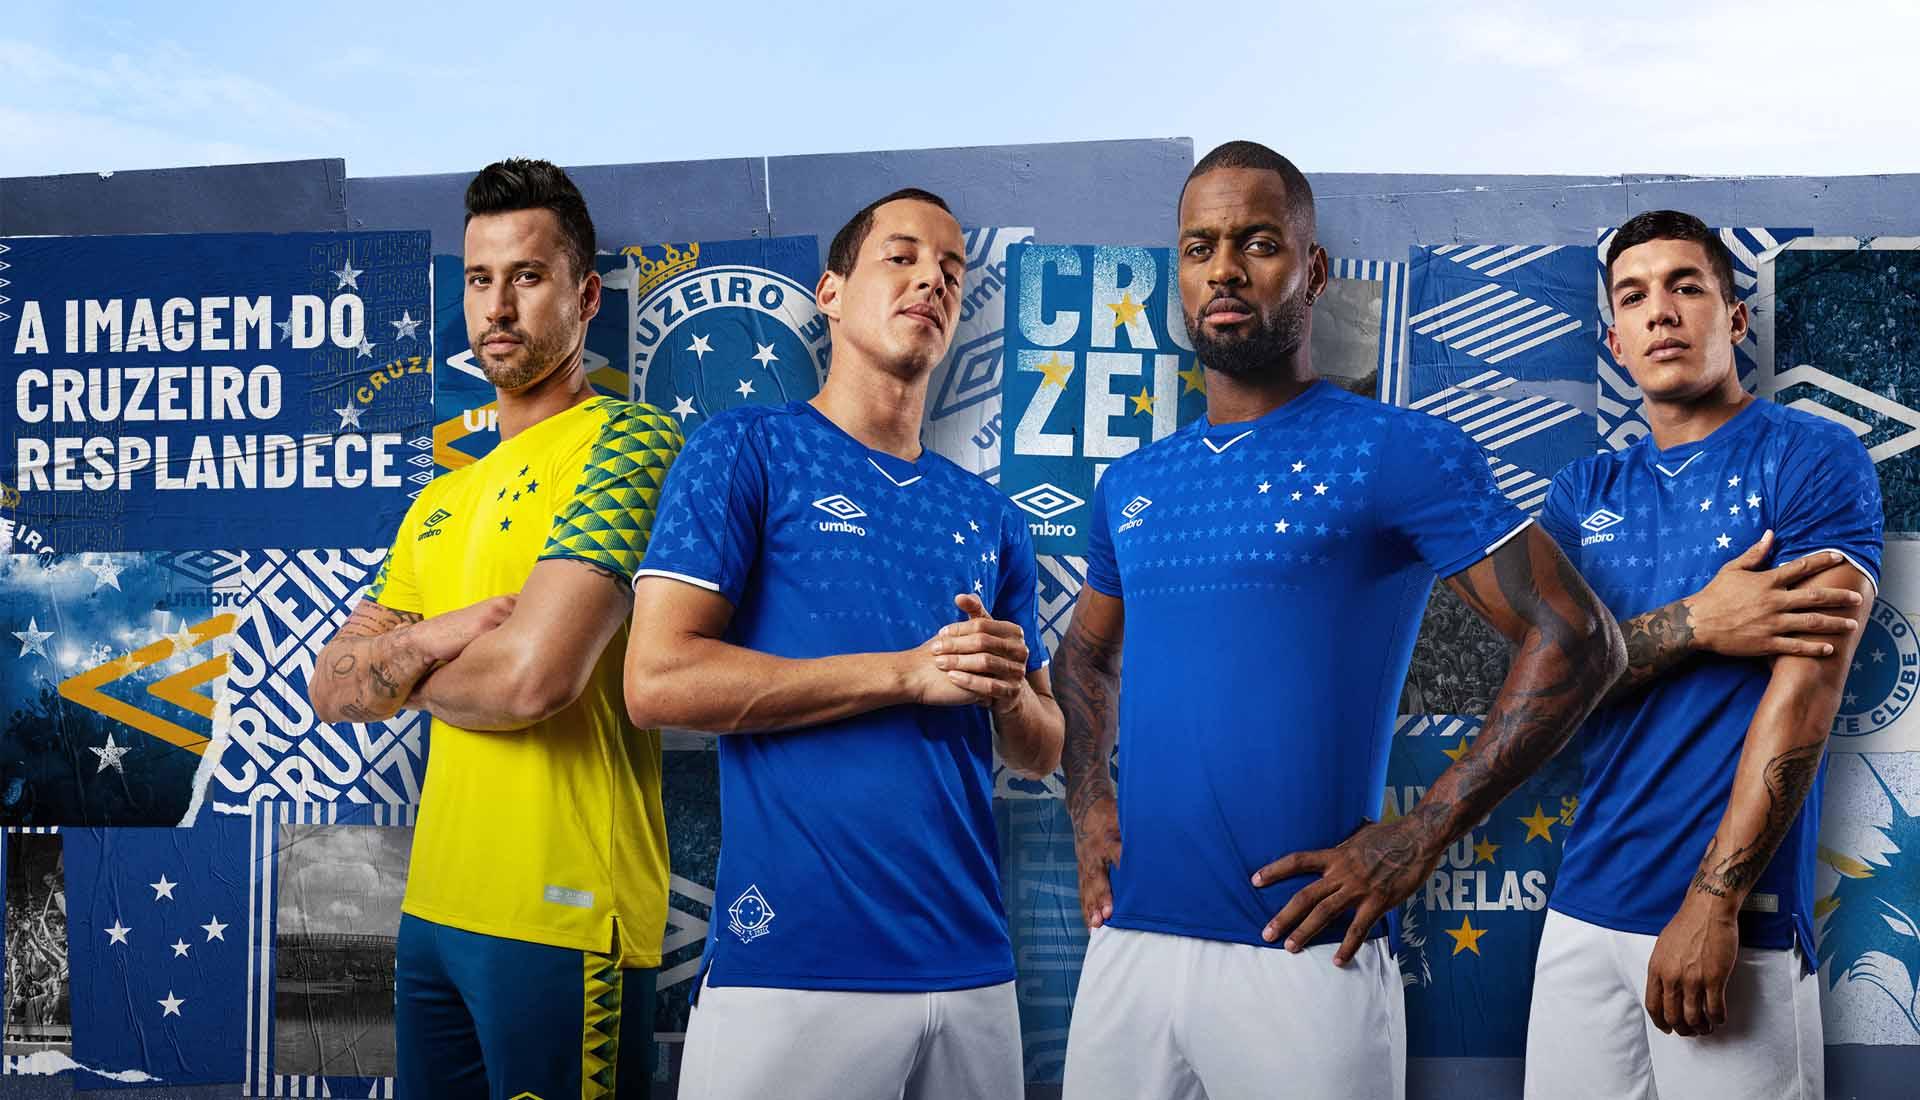 245efde49f0 Umbro Launch Cruzeiro 2019 Home Kit - SoccerBible.